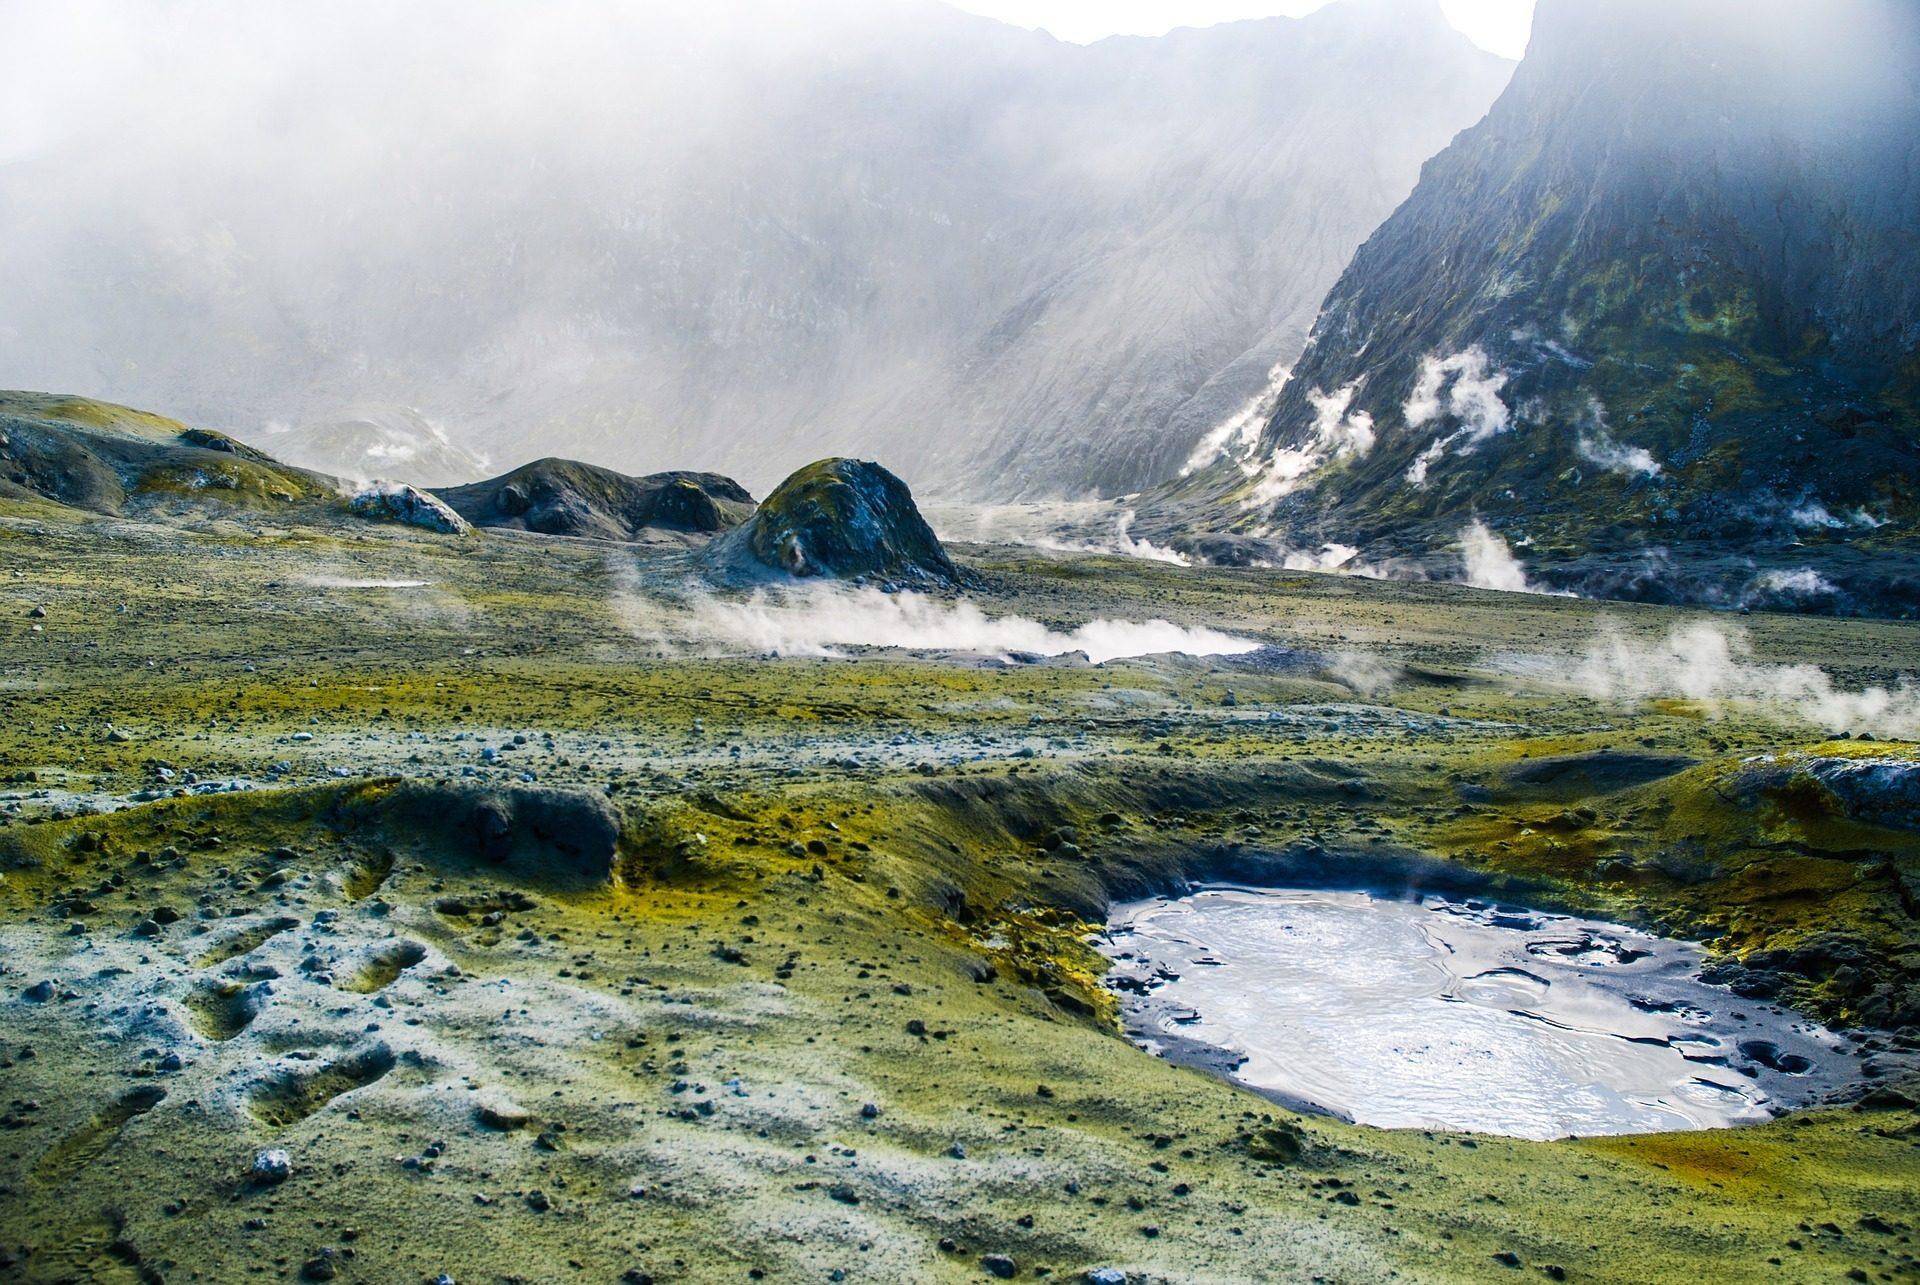 Vulcão, gêiser, Hot Springs, águas, térmica, quente, enxofre - Papéis de parede HD - Professor-falken.com